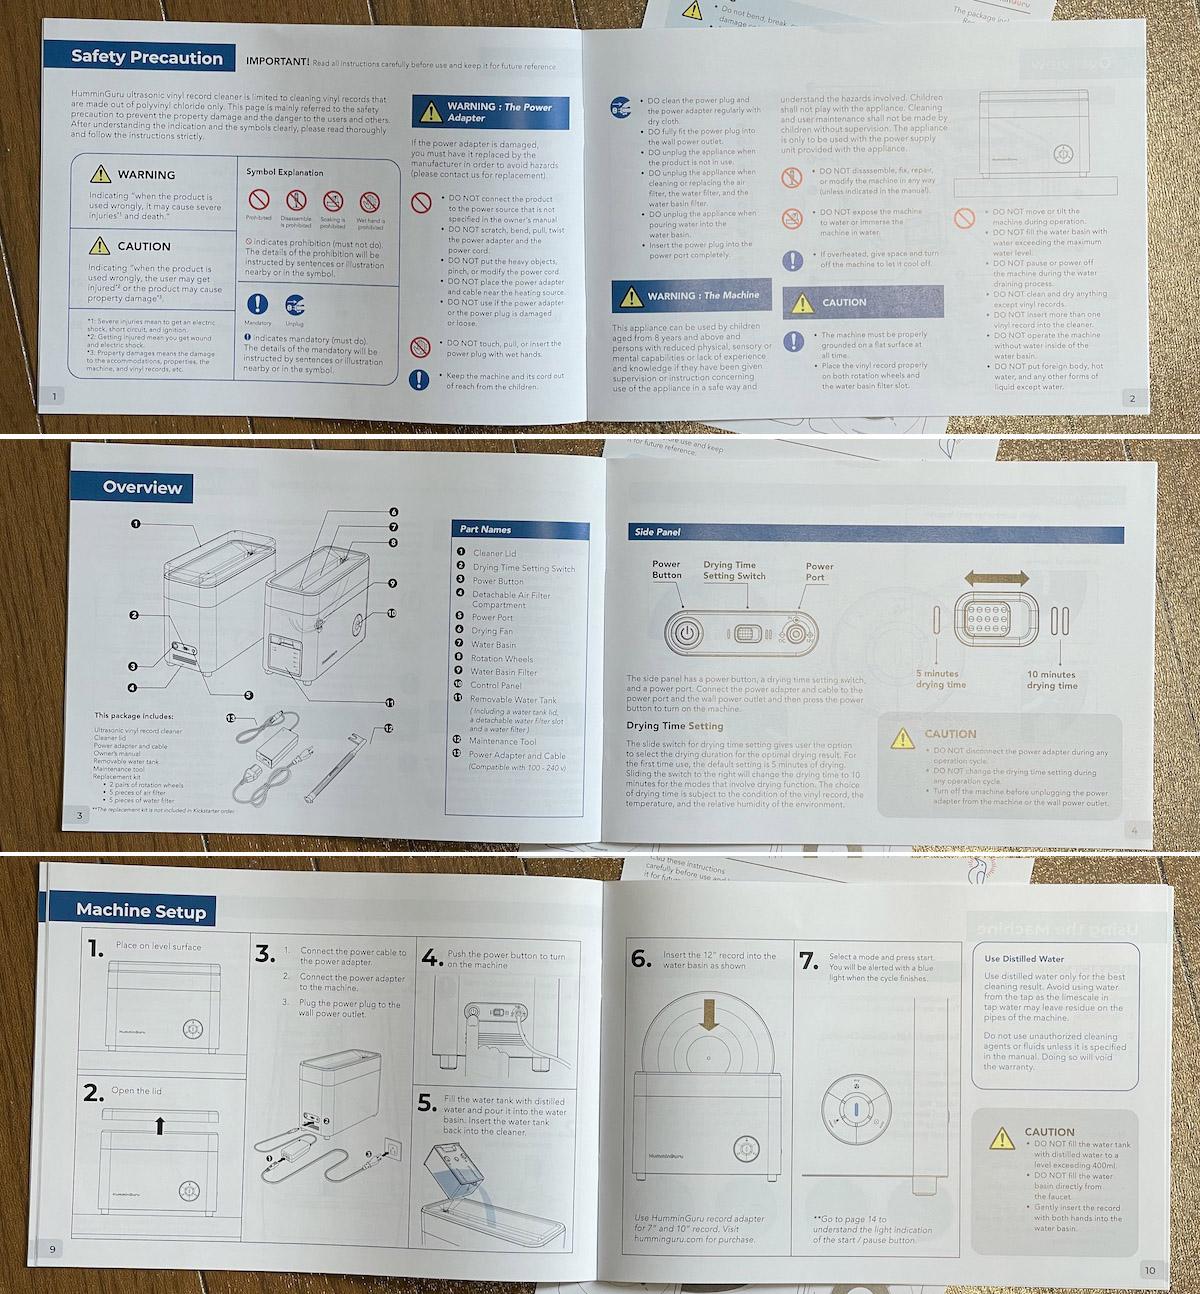 HummingGuru Owners Manual